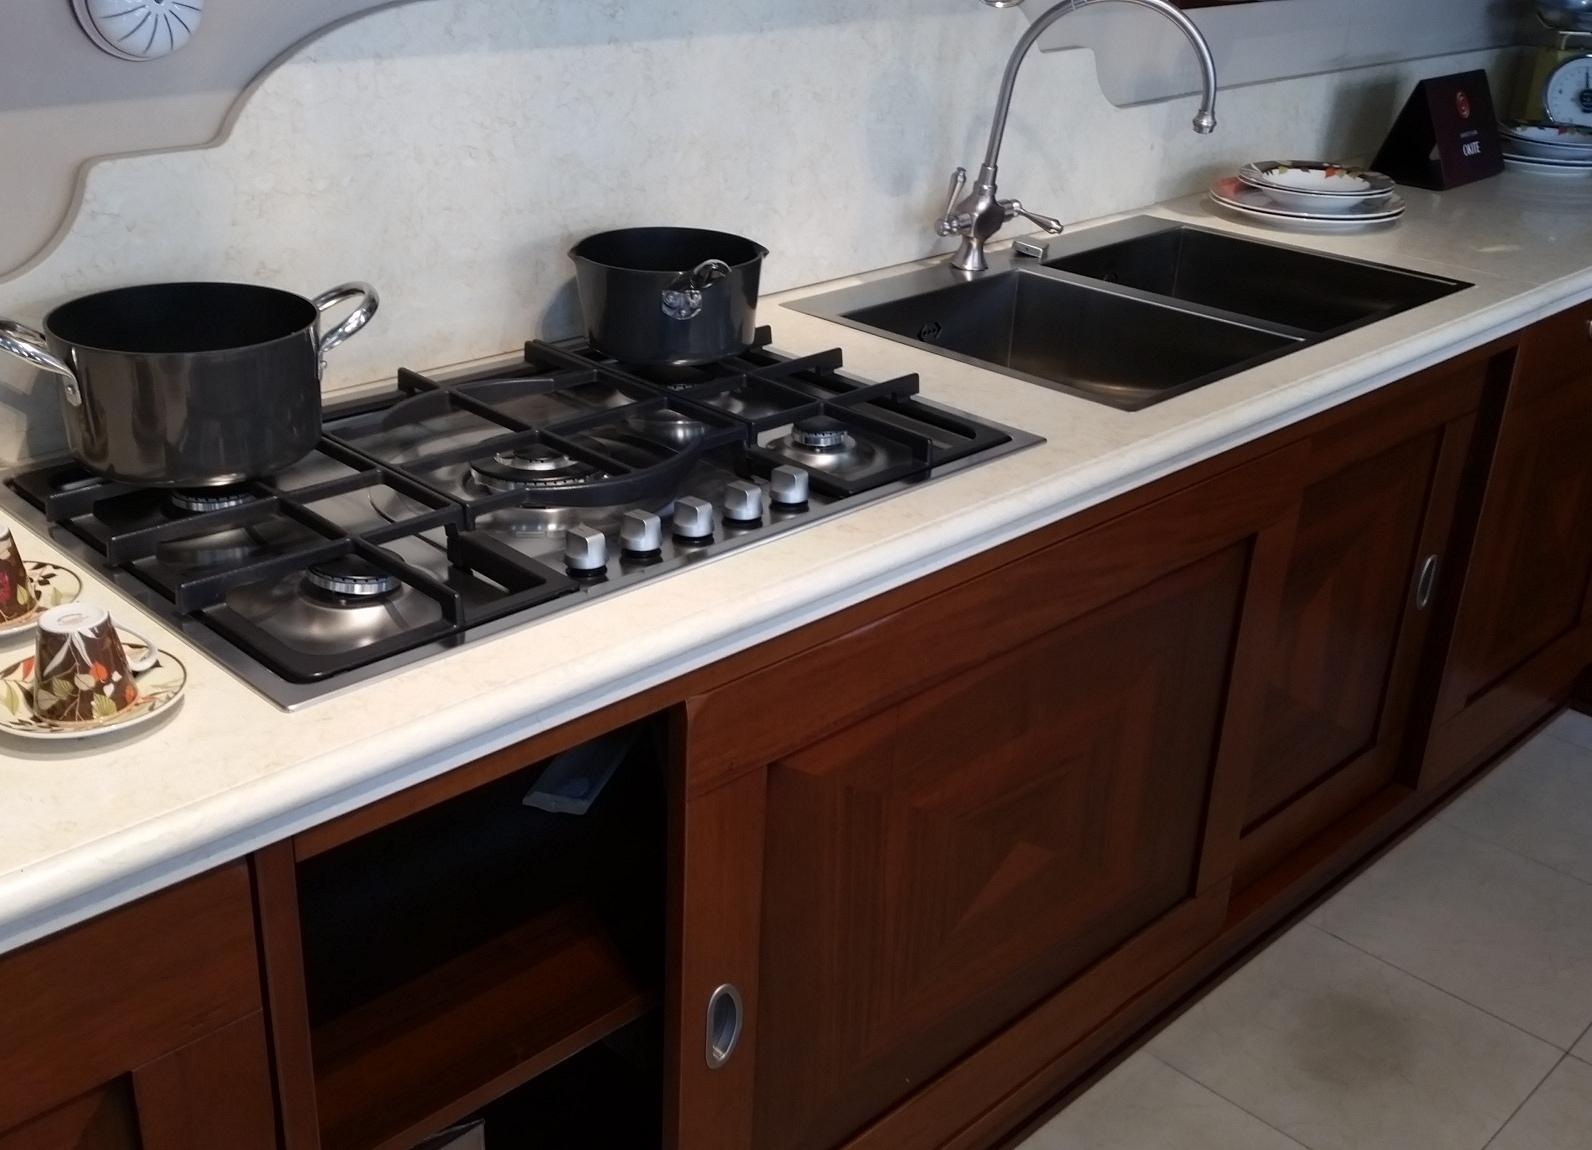 Veneta cucine cucina ca veneta scontato del 61 cucine - Prezzi cucine veneta ...